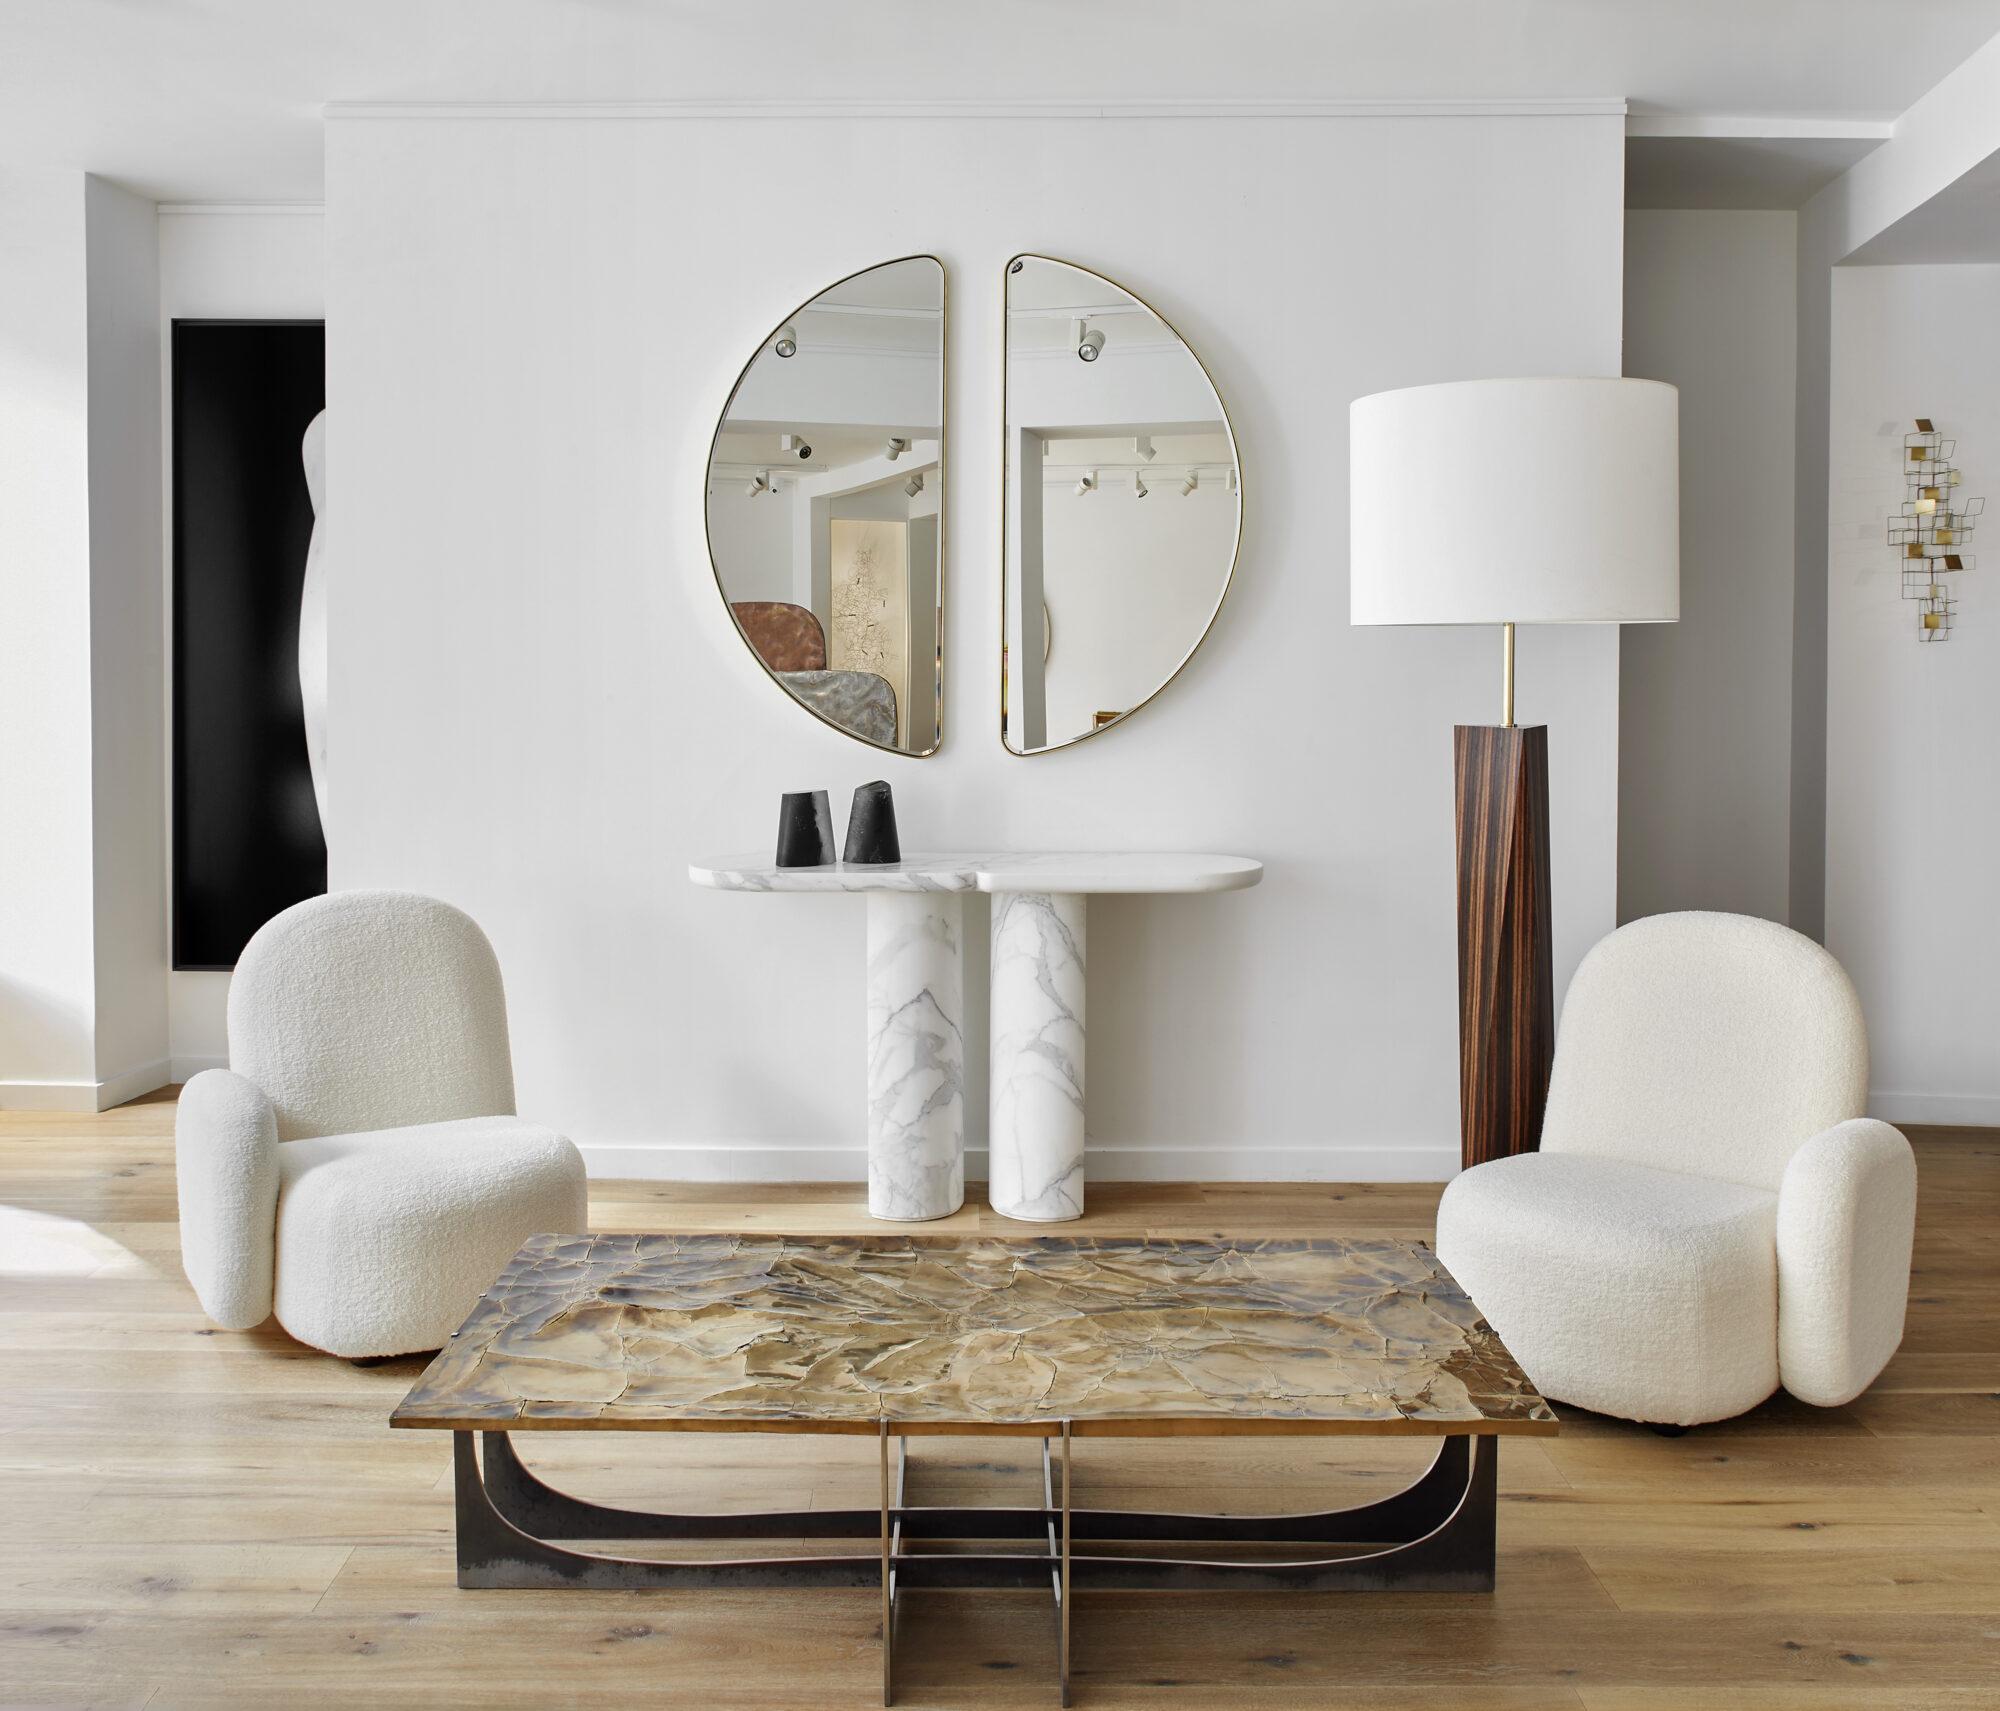 Harmony & contrasts - Galerie Negropontes